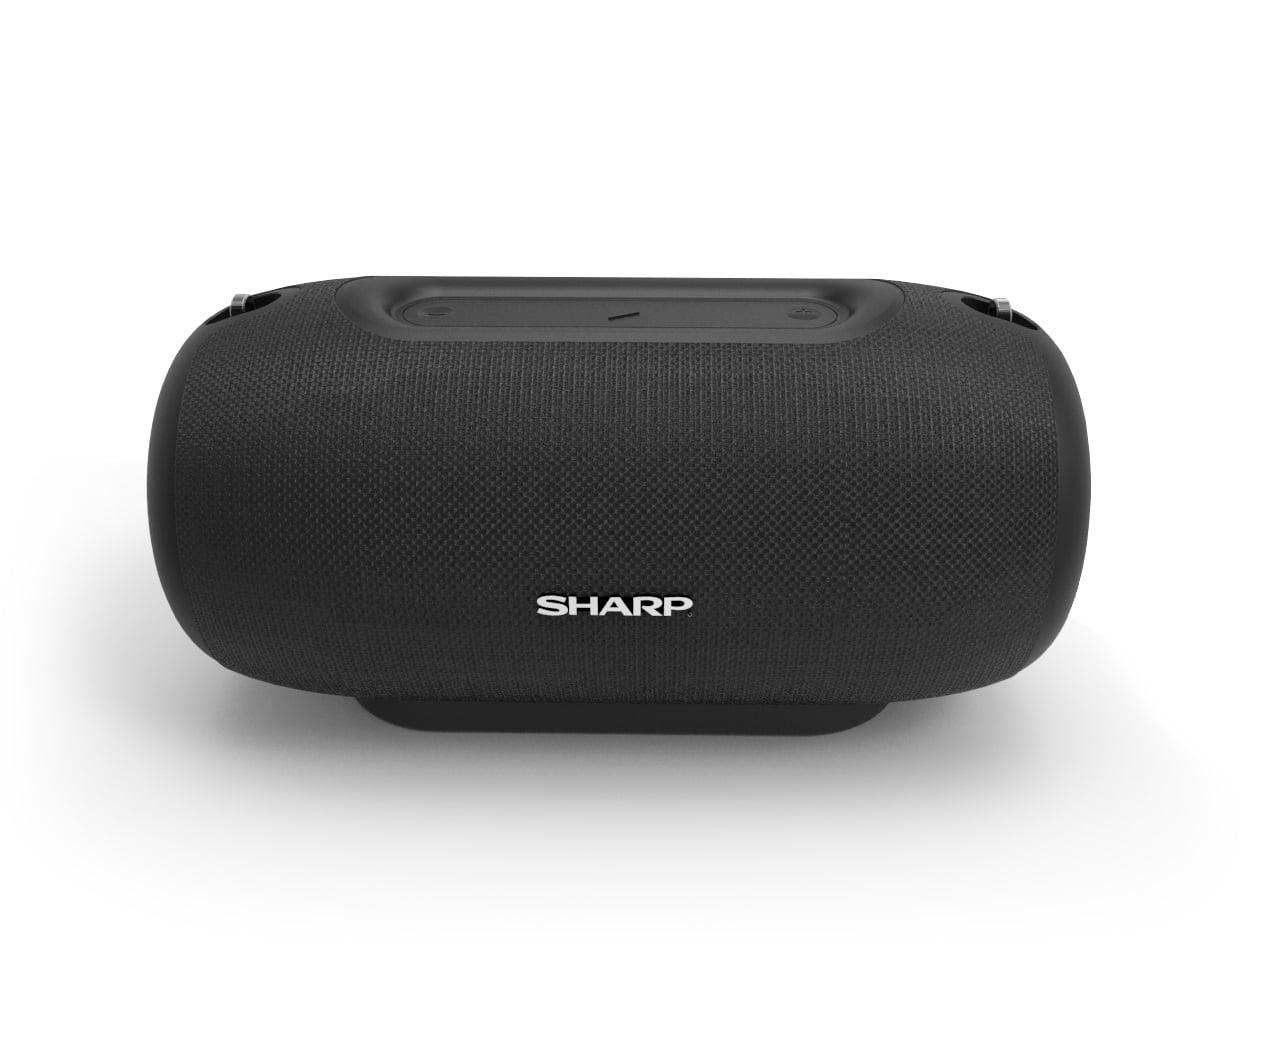 Nowe głośniki bezprzewodowe Sharpa nie boją się wody, współpracują z asystentami głosowymi i są już dostępne w Polsce 20